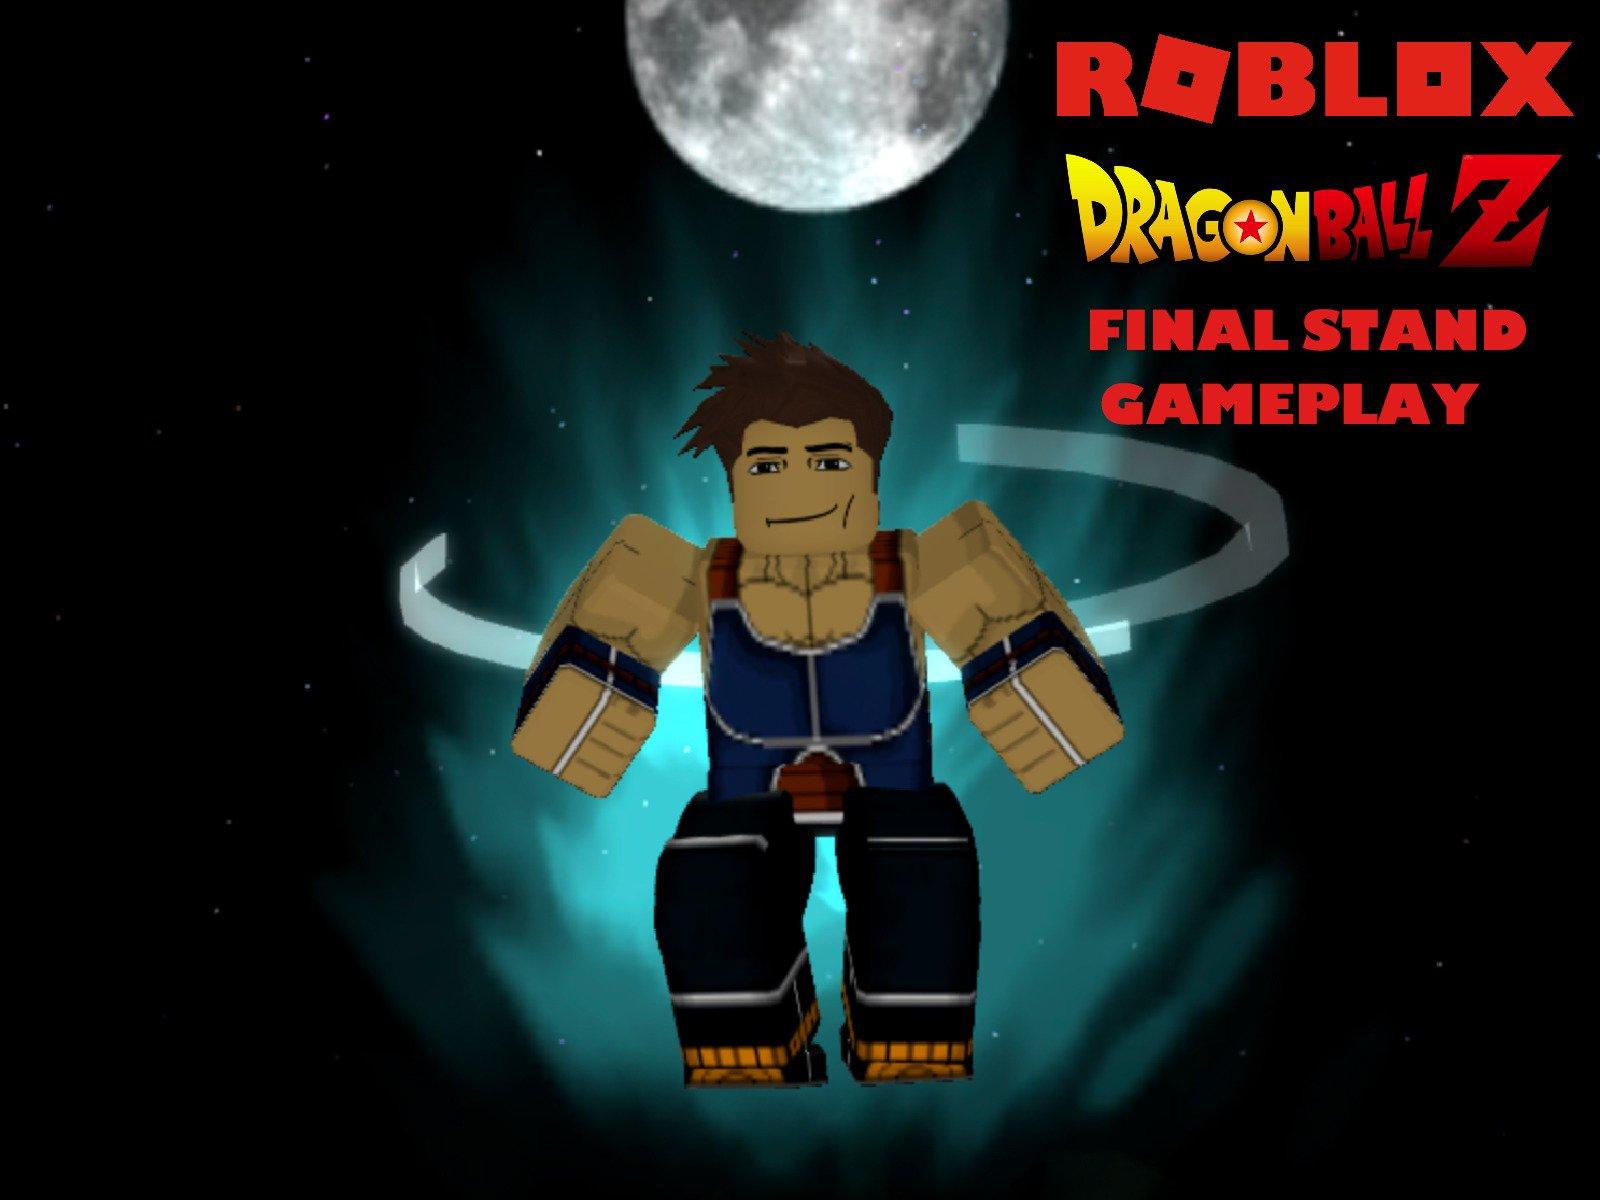 Roblox Games Dragon Ball Z